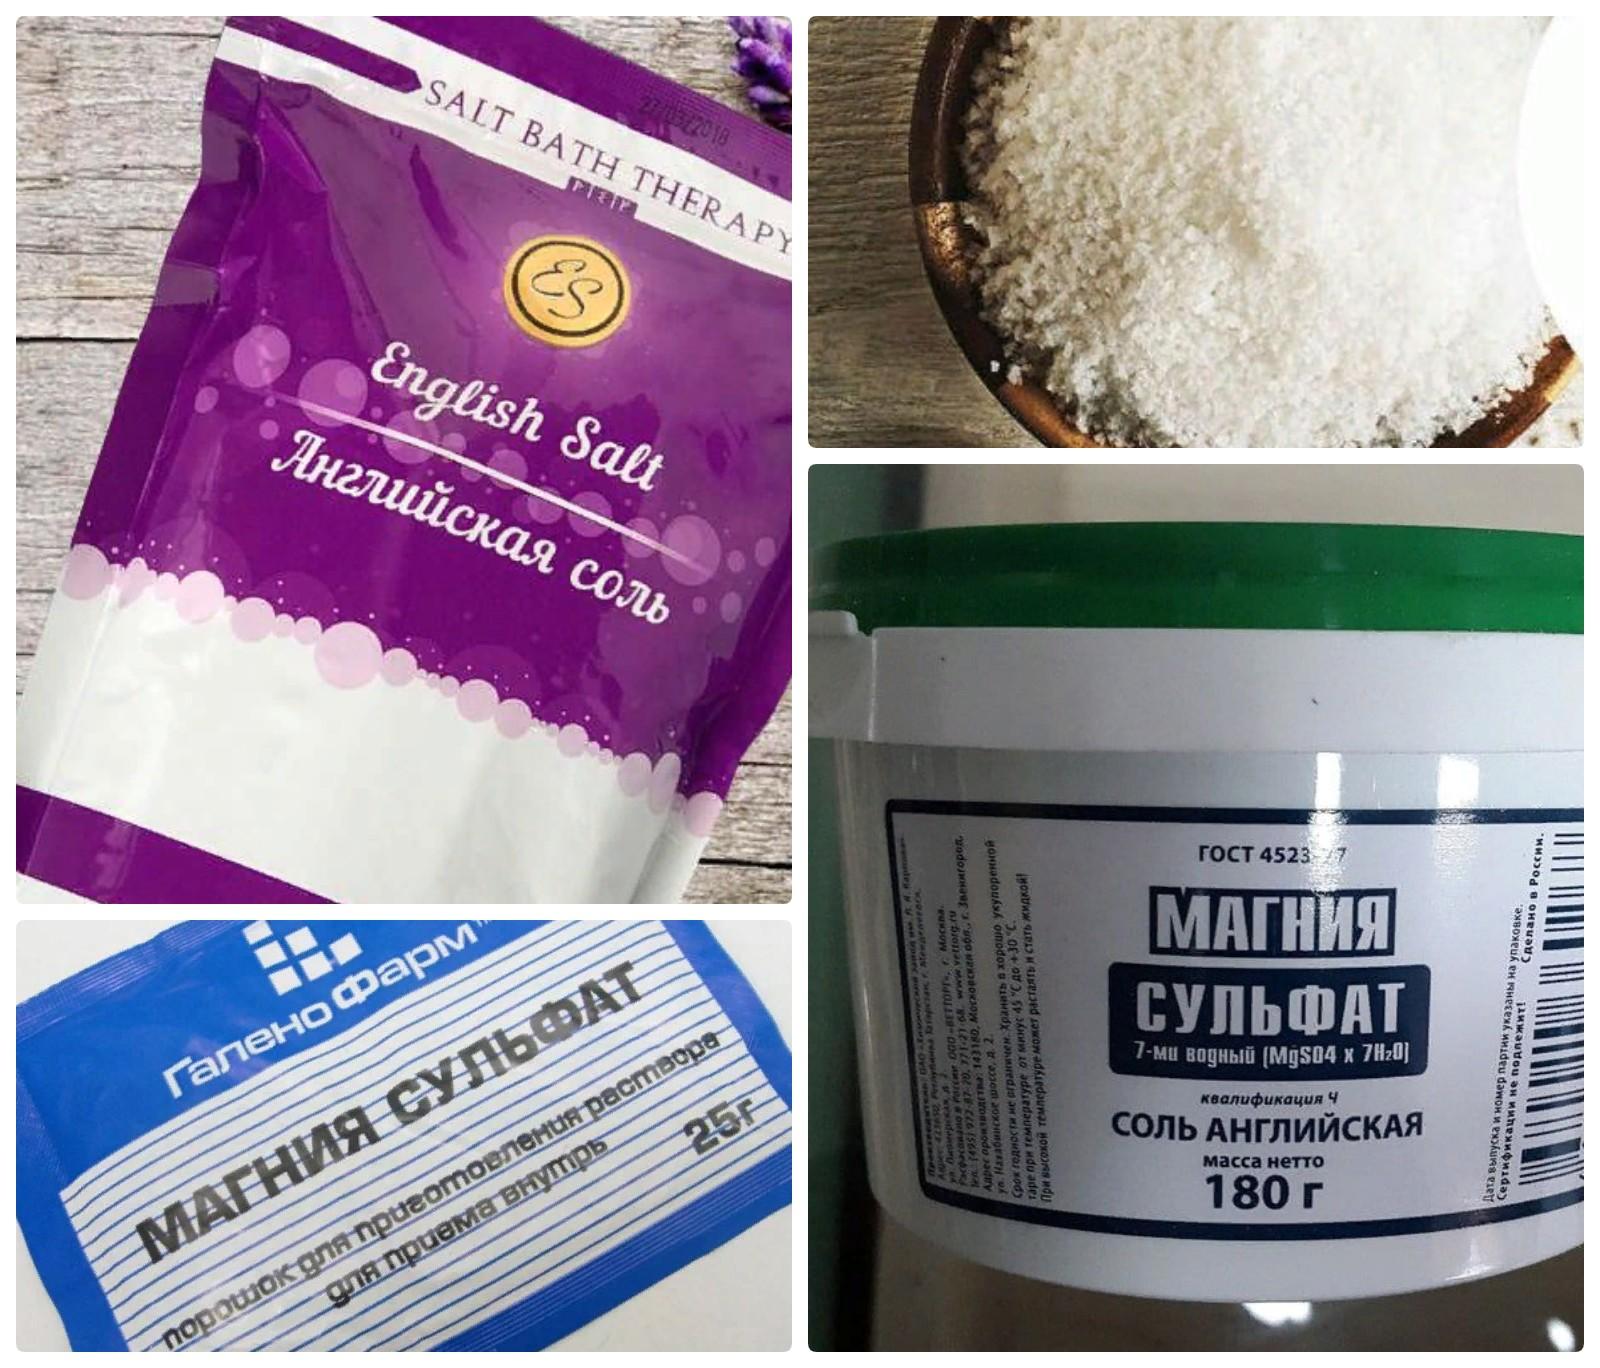 Английская соль: что это такое, где используется и как применять эпсому